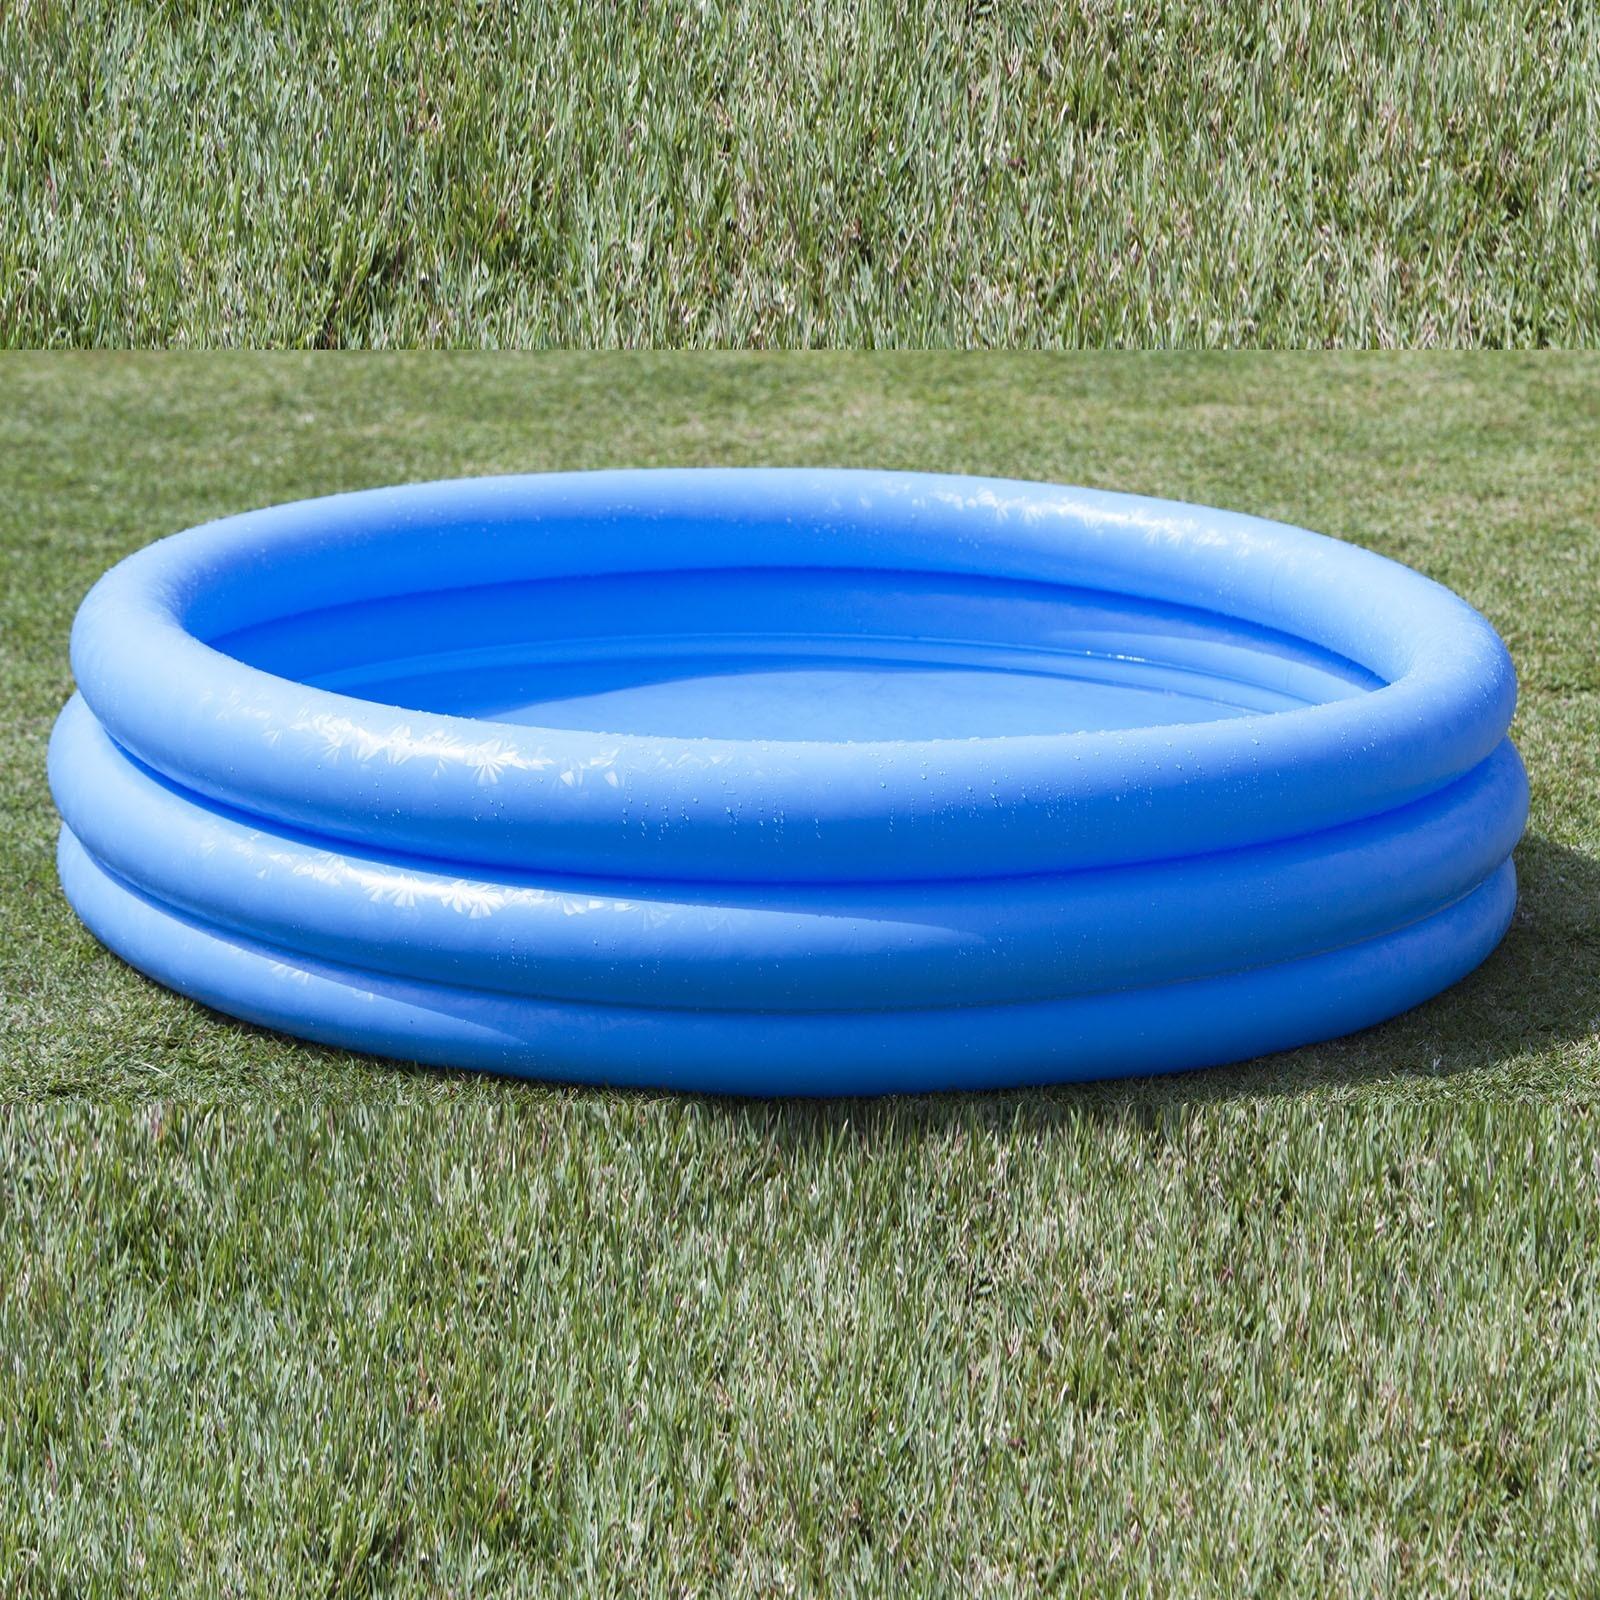 Intex havuzları için su ısıtıcıları: açıklama ve kısa açıklama